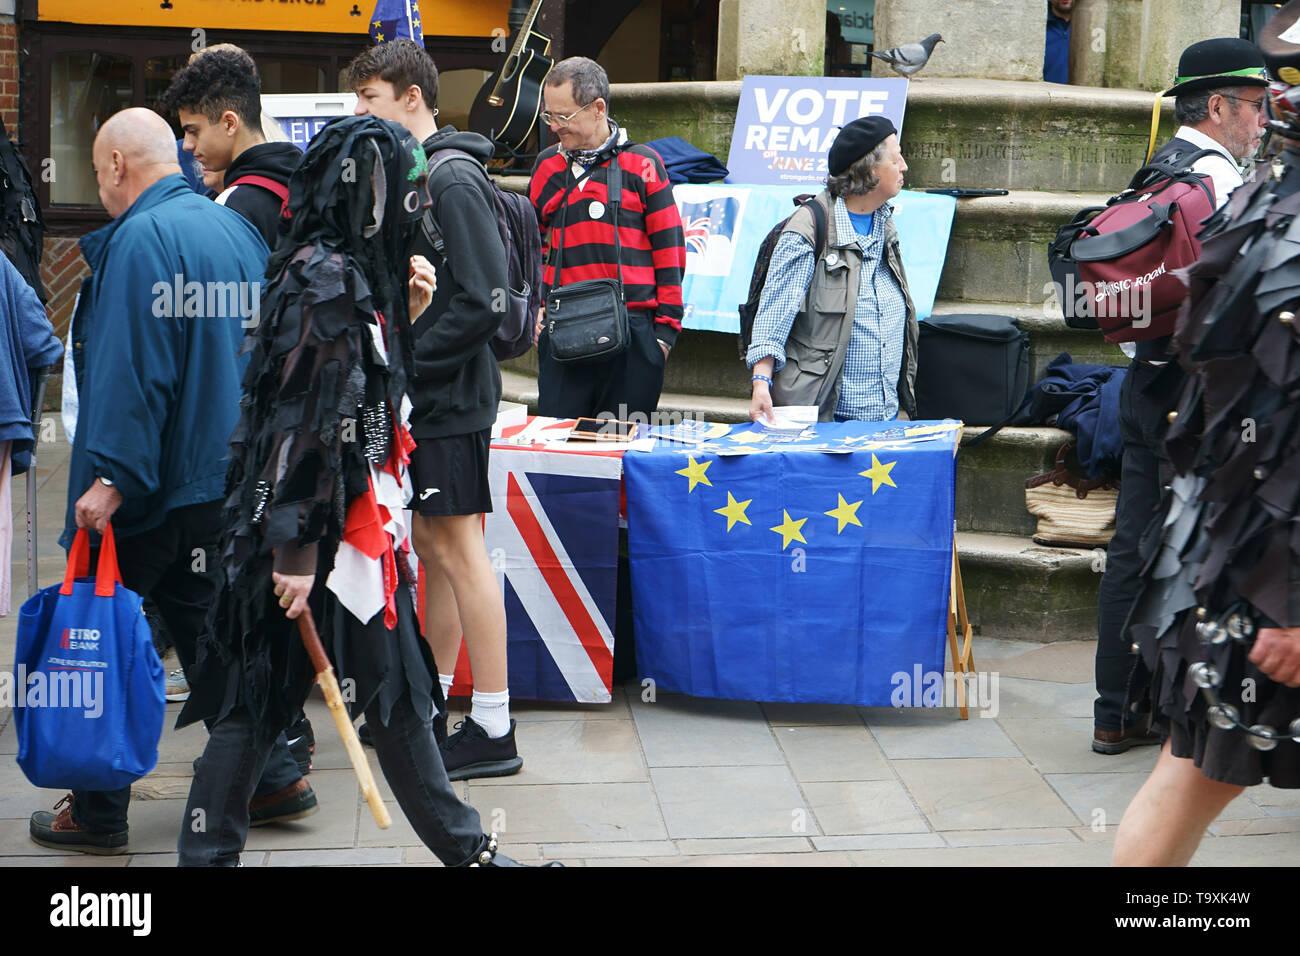 Winchester, Reino Unido. Votar el día de las elecciones al parlamento de la UE el 23 de mayo de 2019 - Los voluntarios distribuyen panfletos en el centro de la ciudad de Winchester durante el MAYFEST - 18 de mayo de 2019 Imagen De Stock